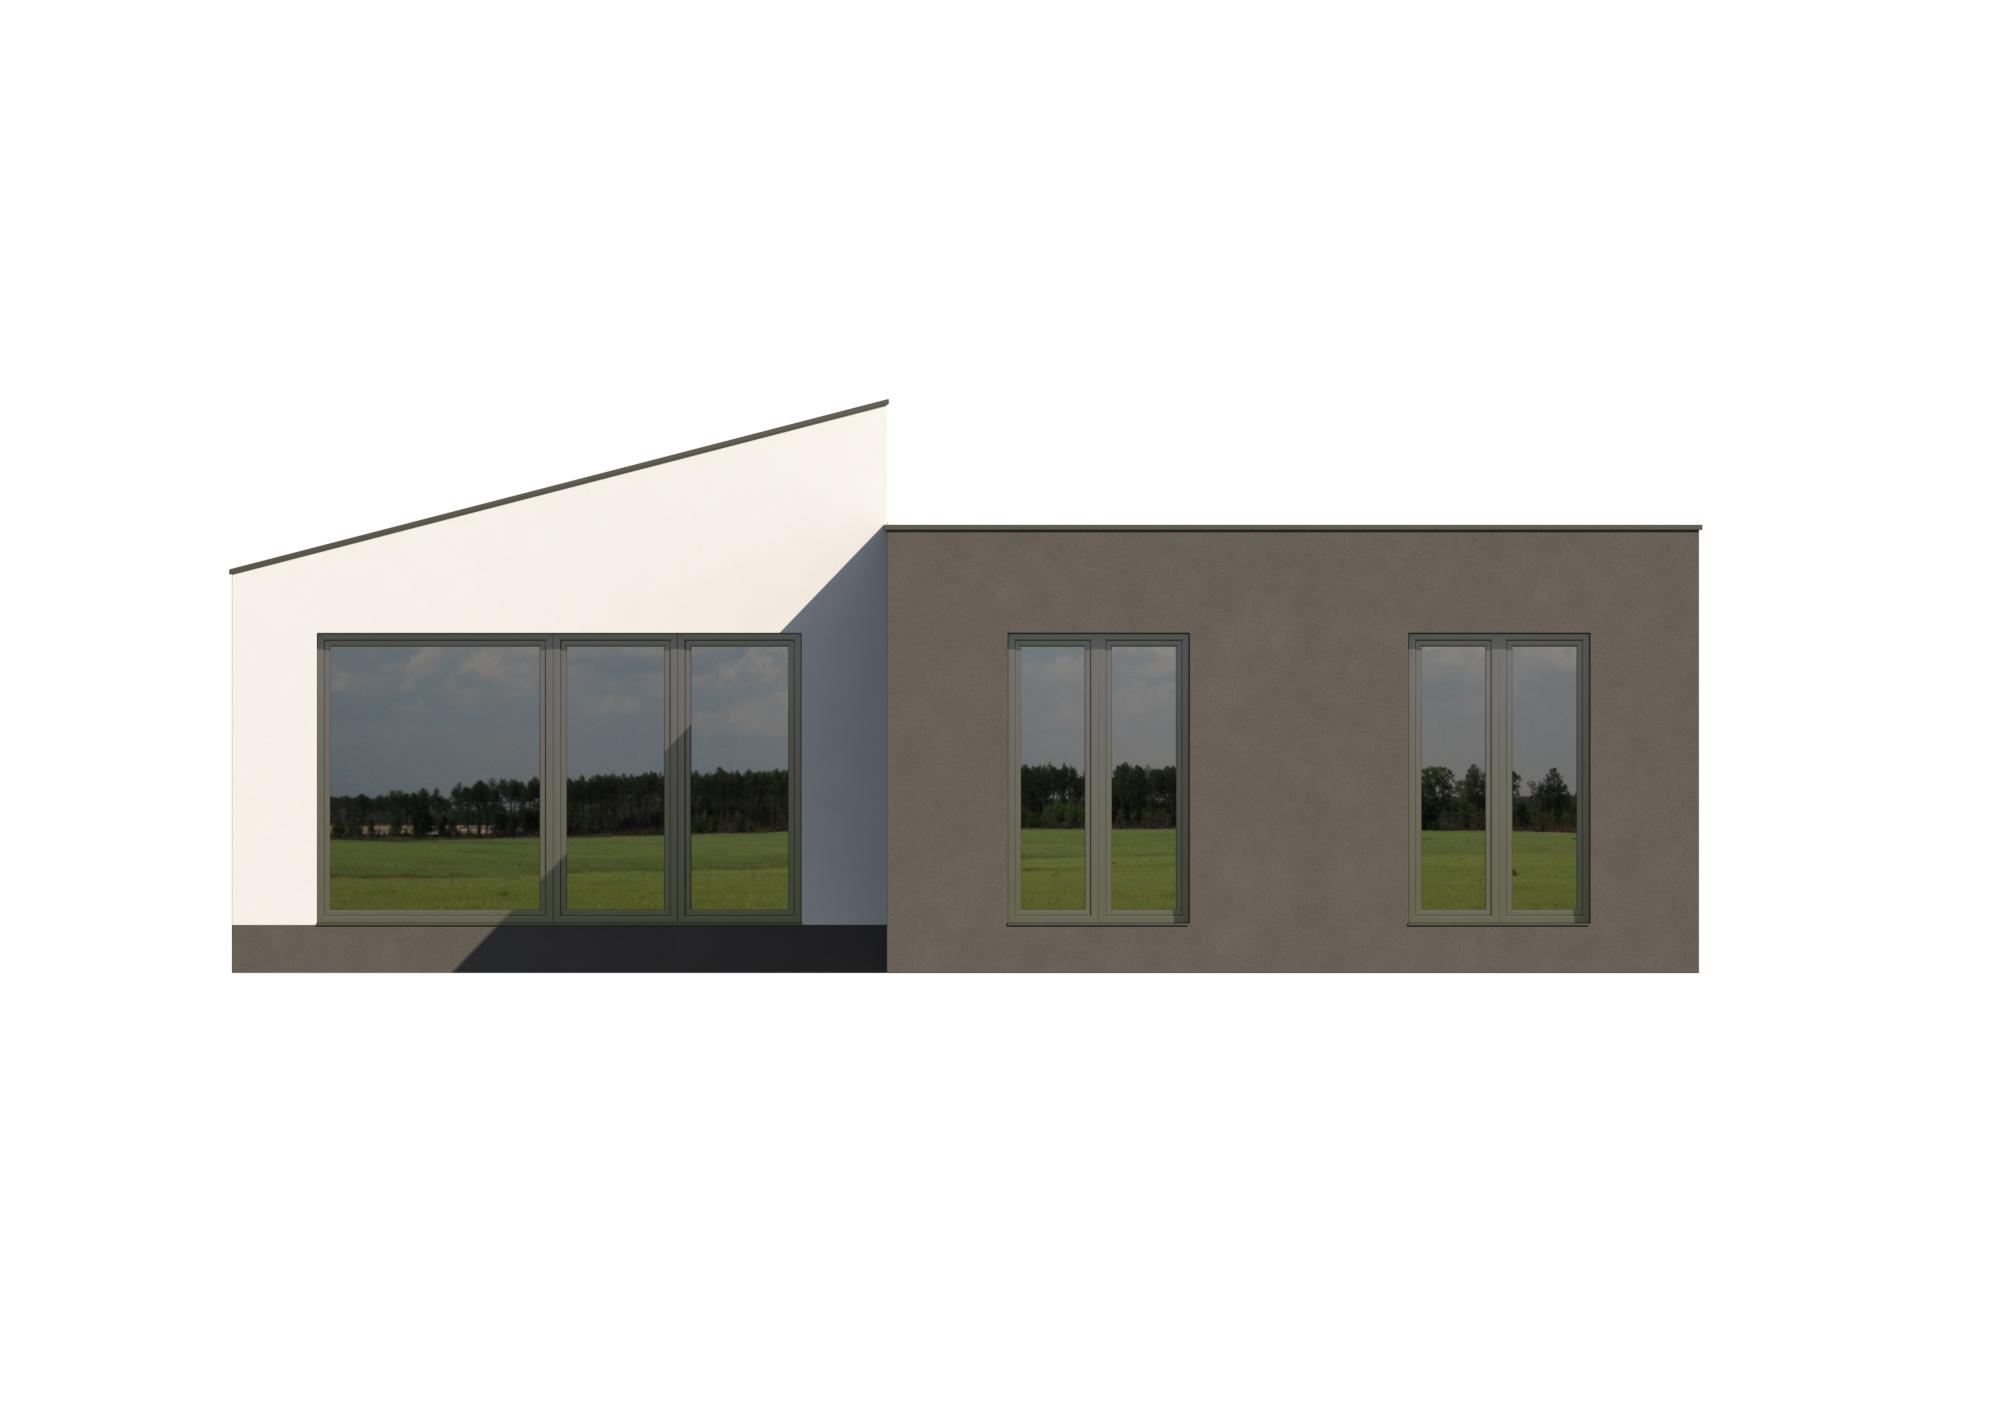 projekt rodinného domu Bungalov 1701